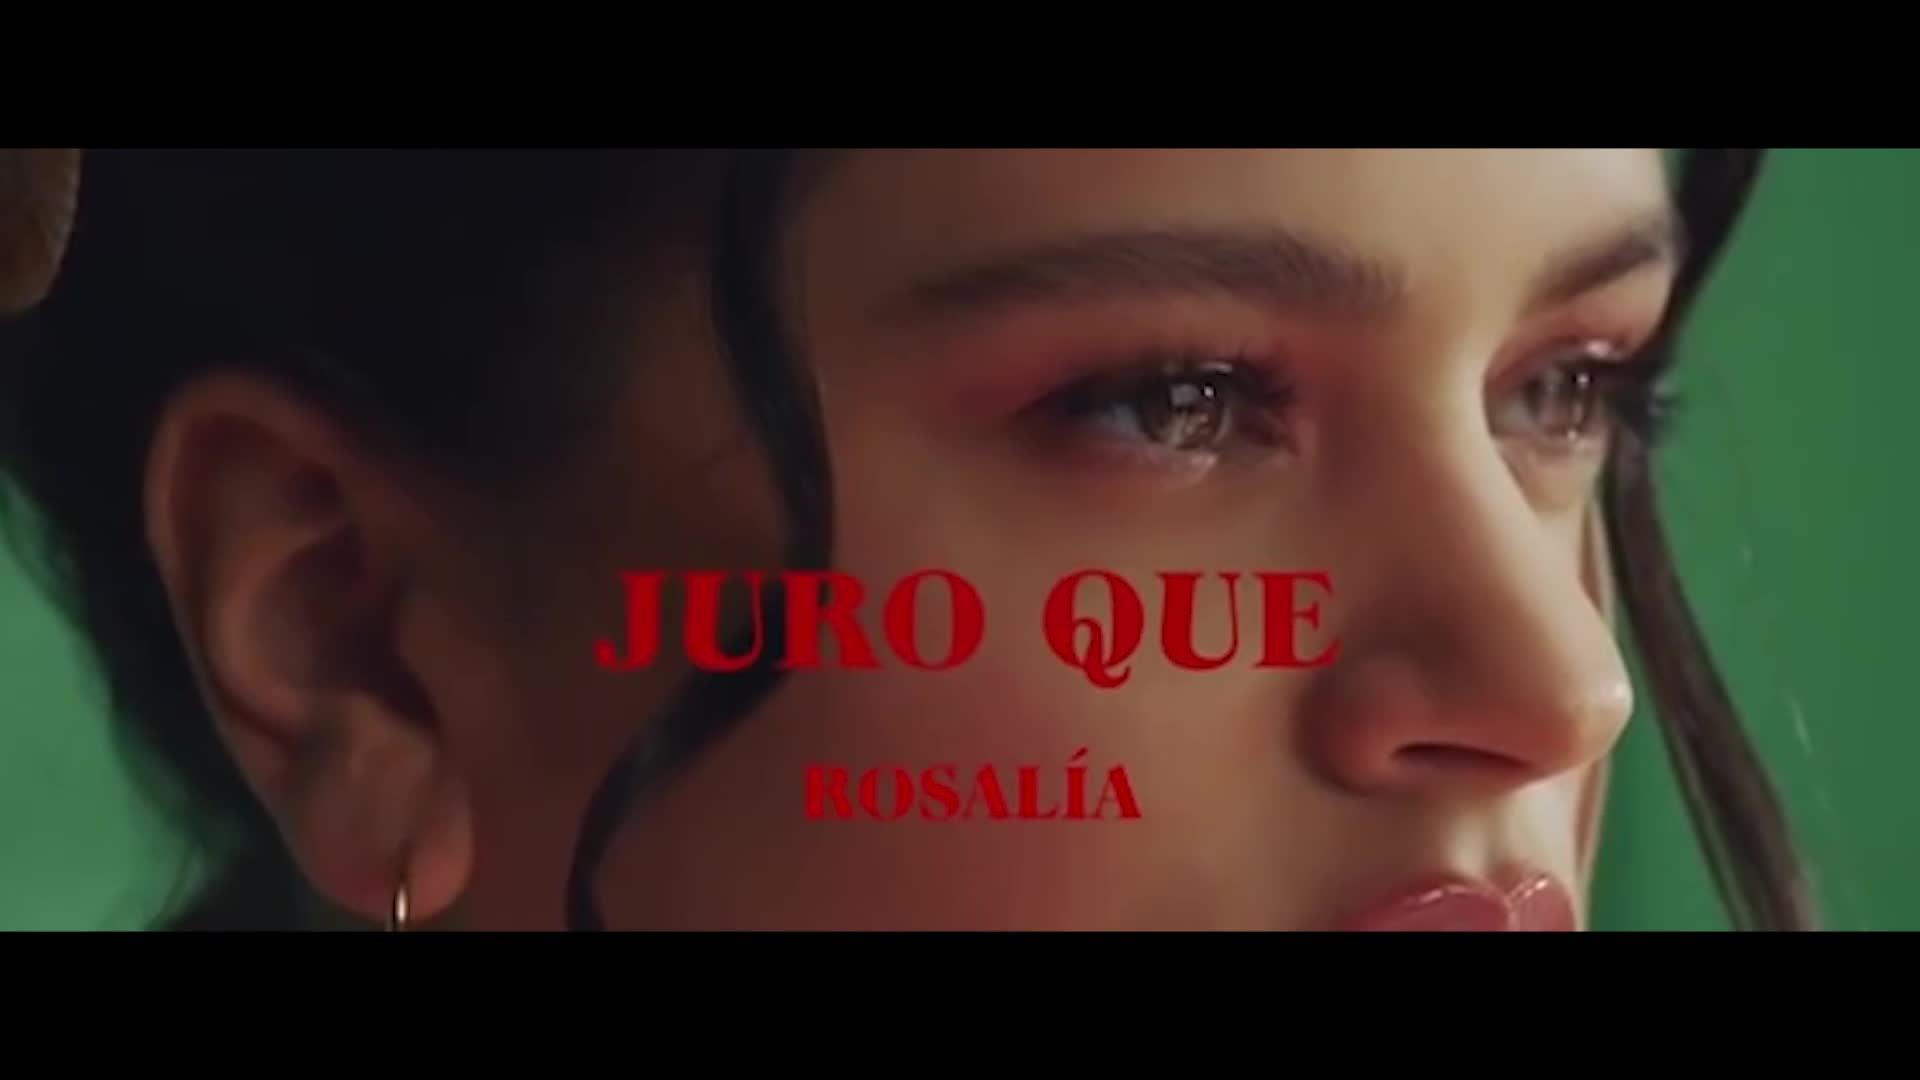 'Juro que' la nueva canción de Rosalía, con el actor Omar Ayuso en el videoclip